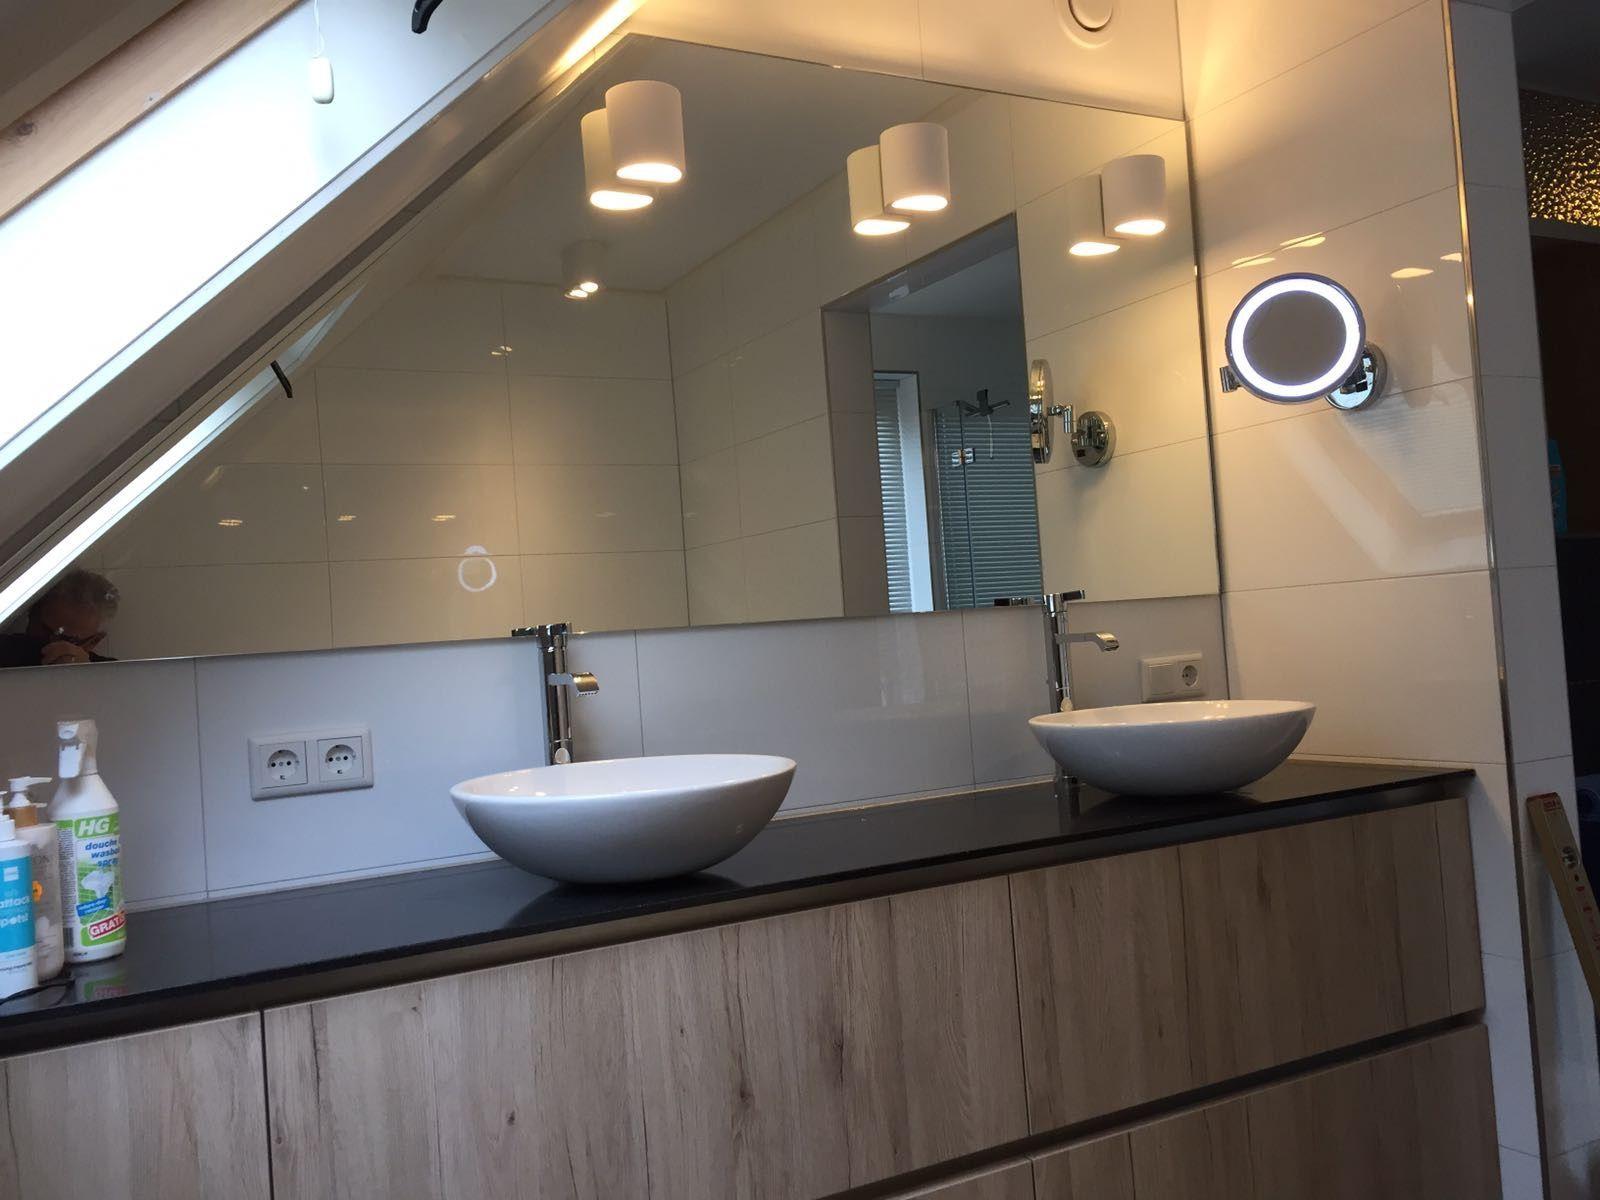 Badkamer meubel gemaakt van keuken kasten met schuin dak. Maatwerk ...